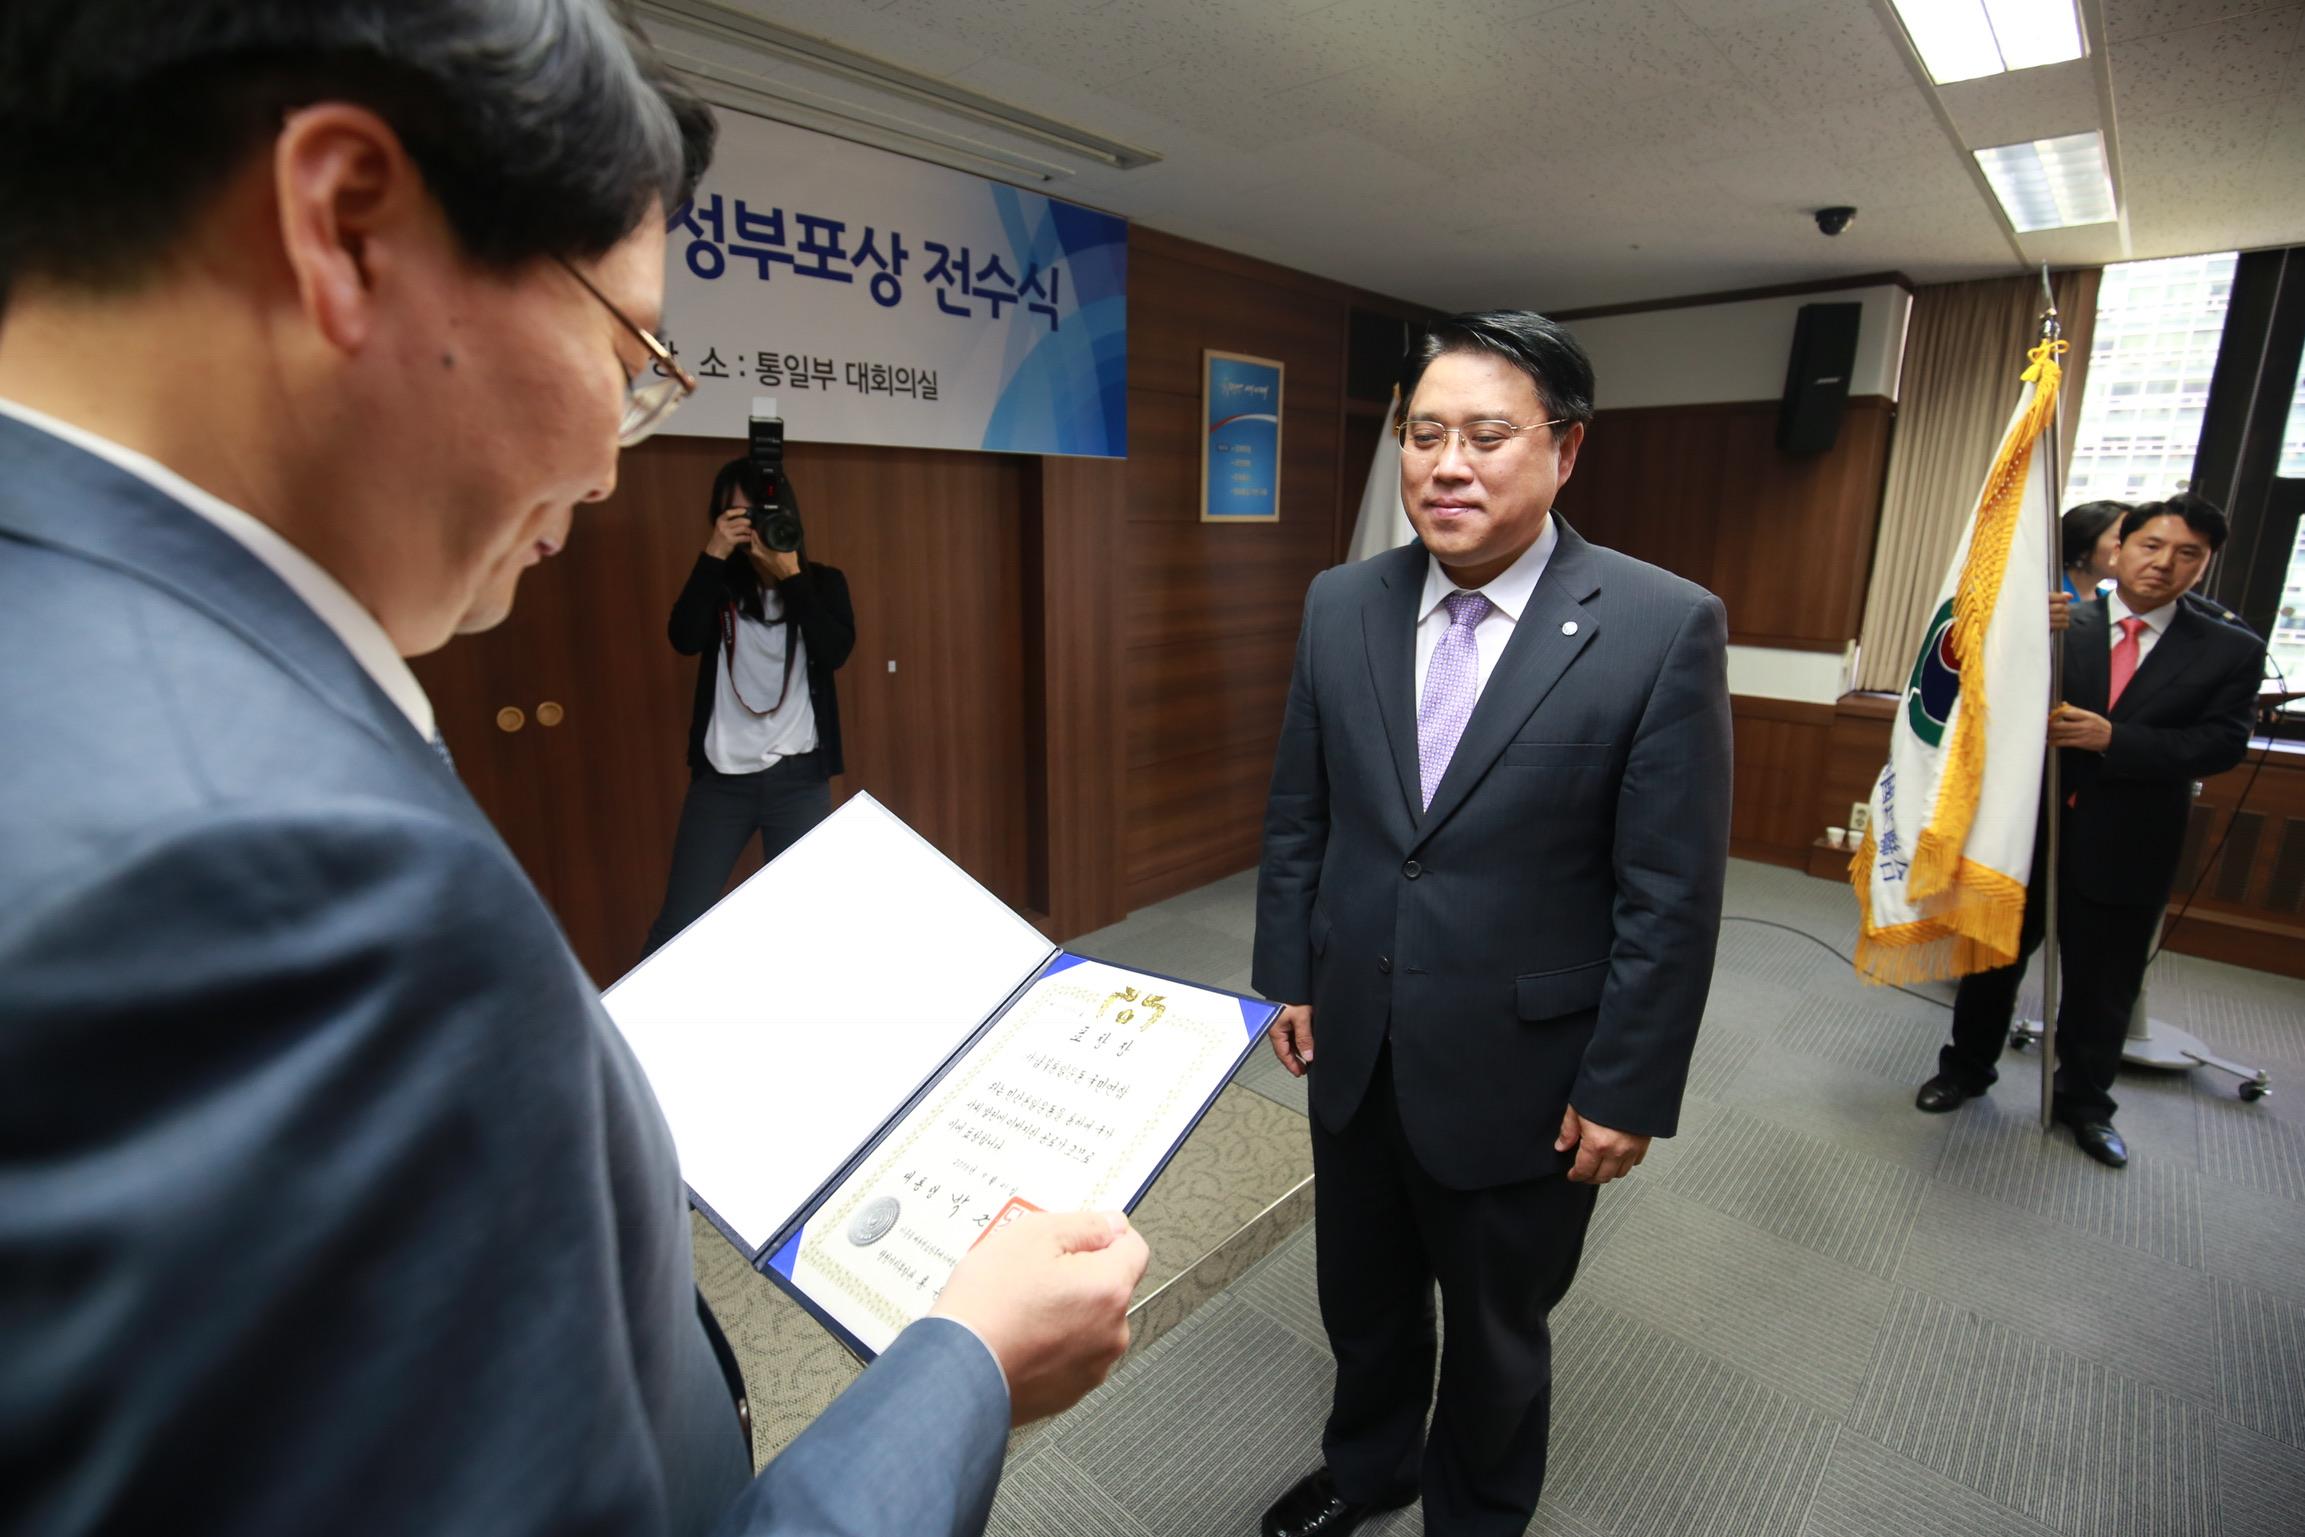 8. 표창 수여받는 송광석 회장.jpg